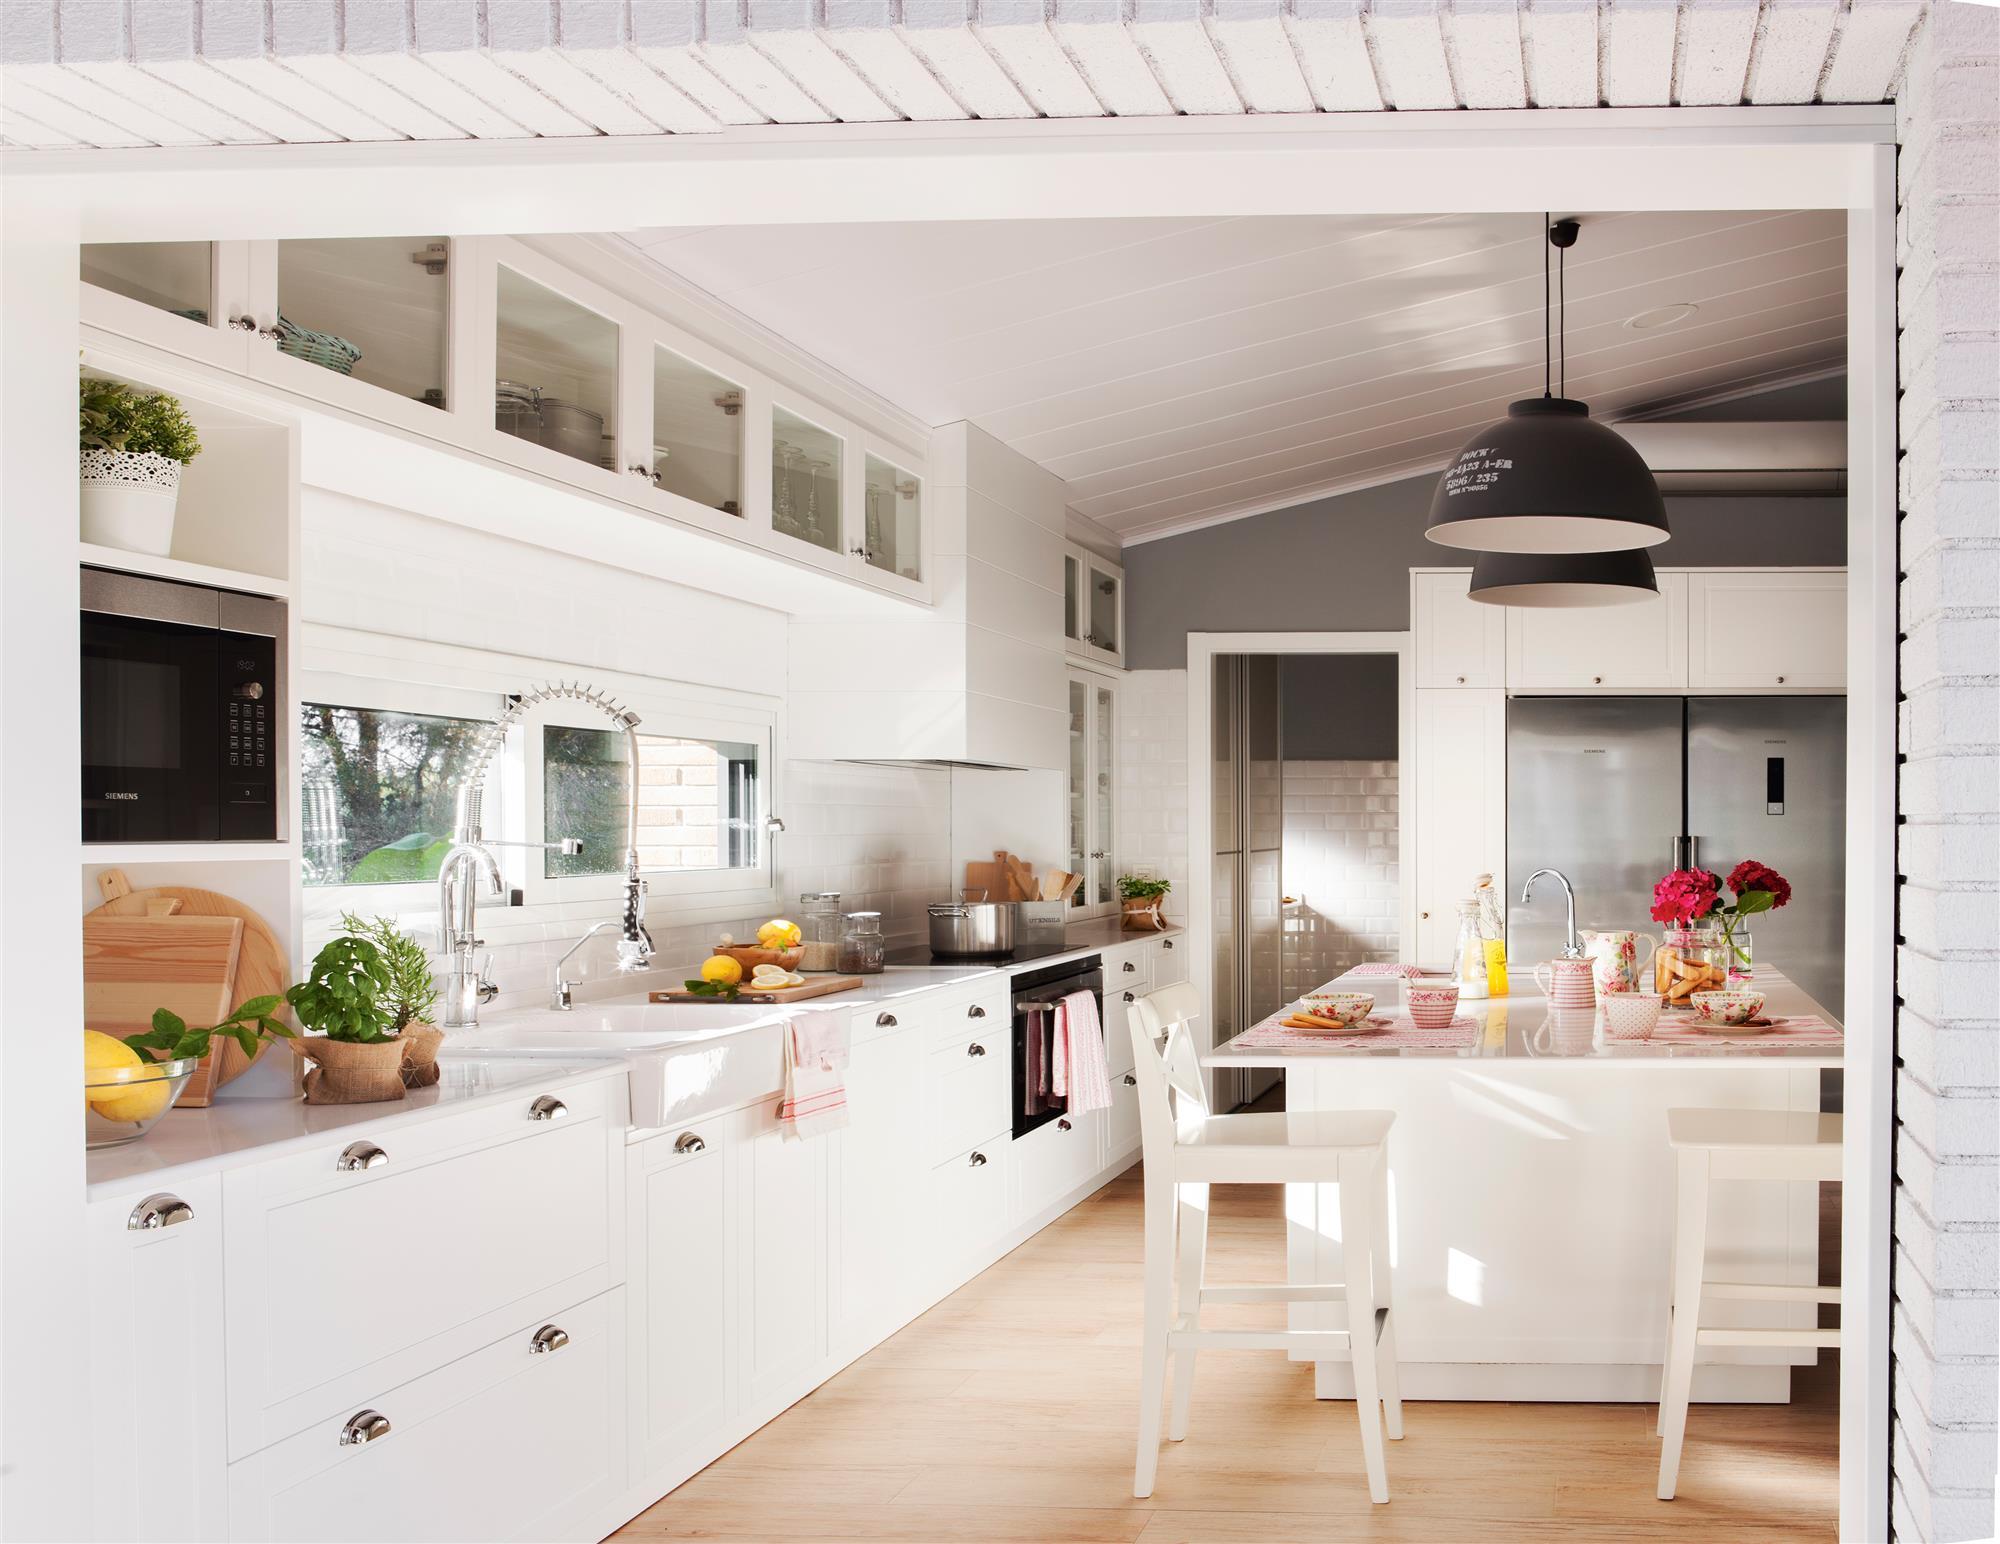 Cocinas las 50 mejores de el mueble - Cocinas con isla central fotos ...